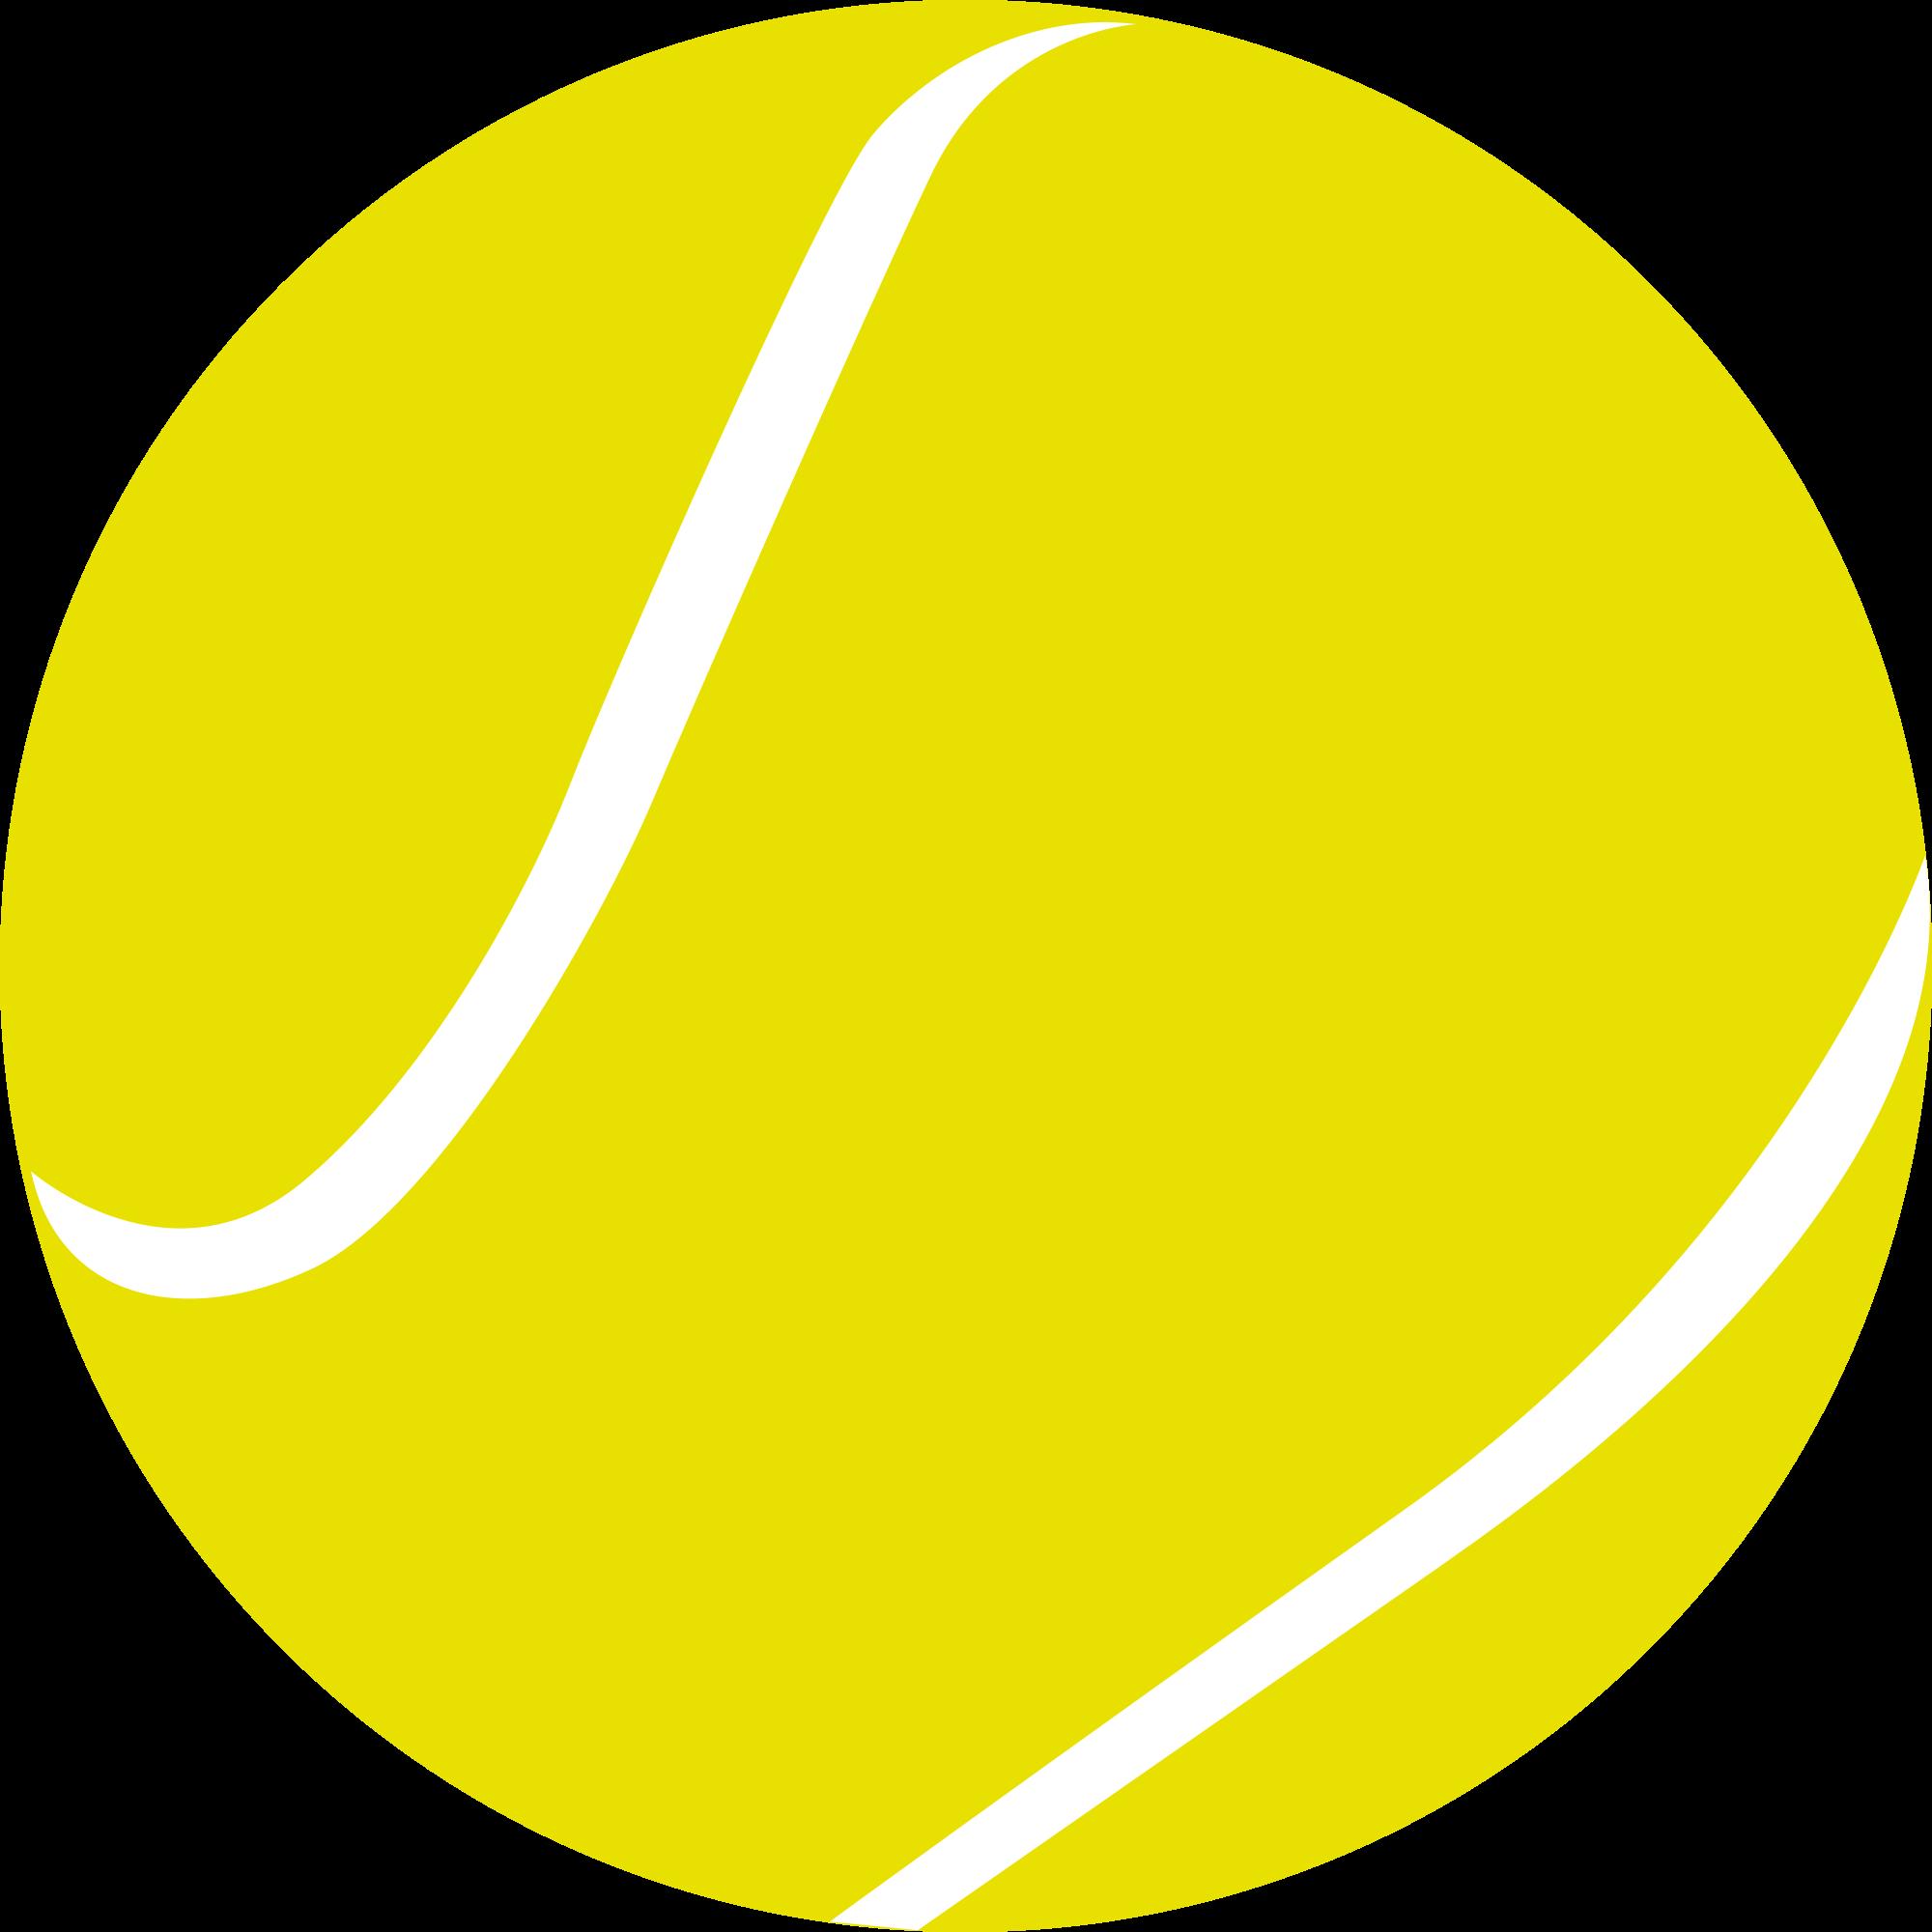 Tennis Ball Png Image Tennis Ball Tennis Balls Balls Image